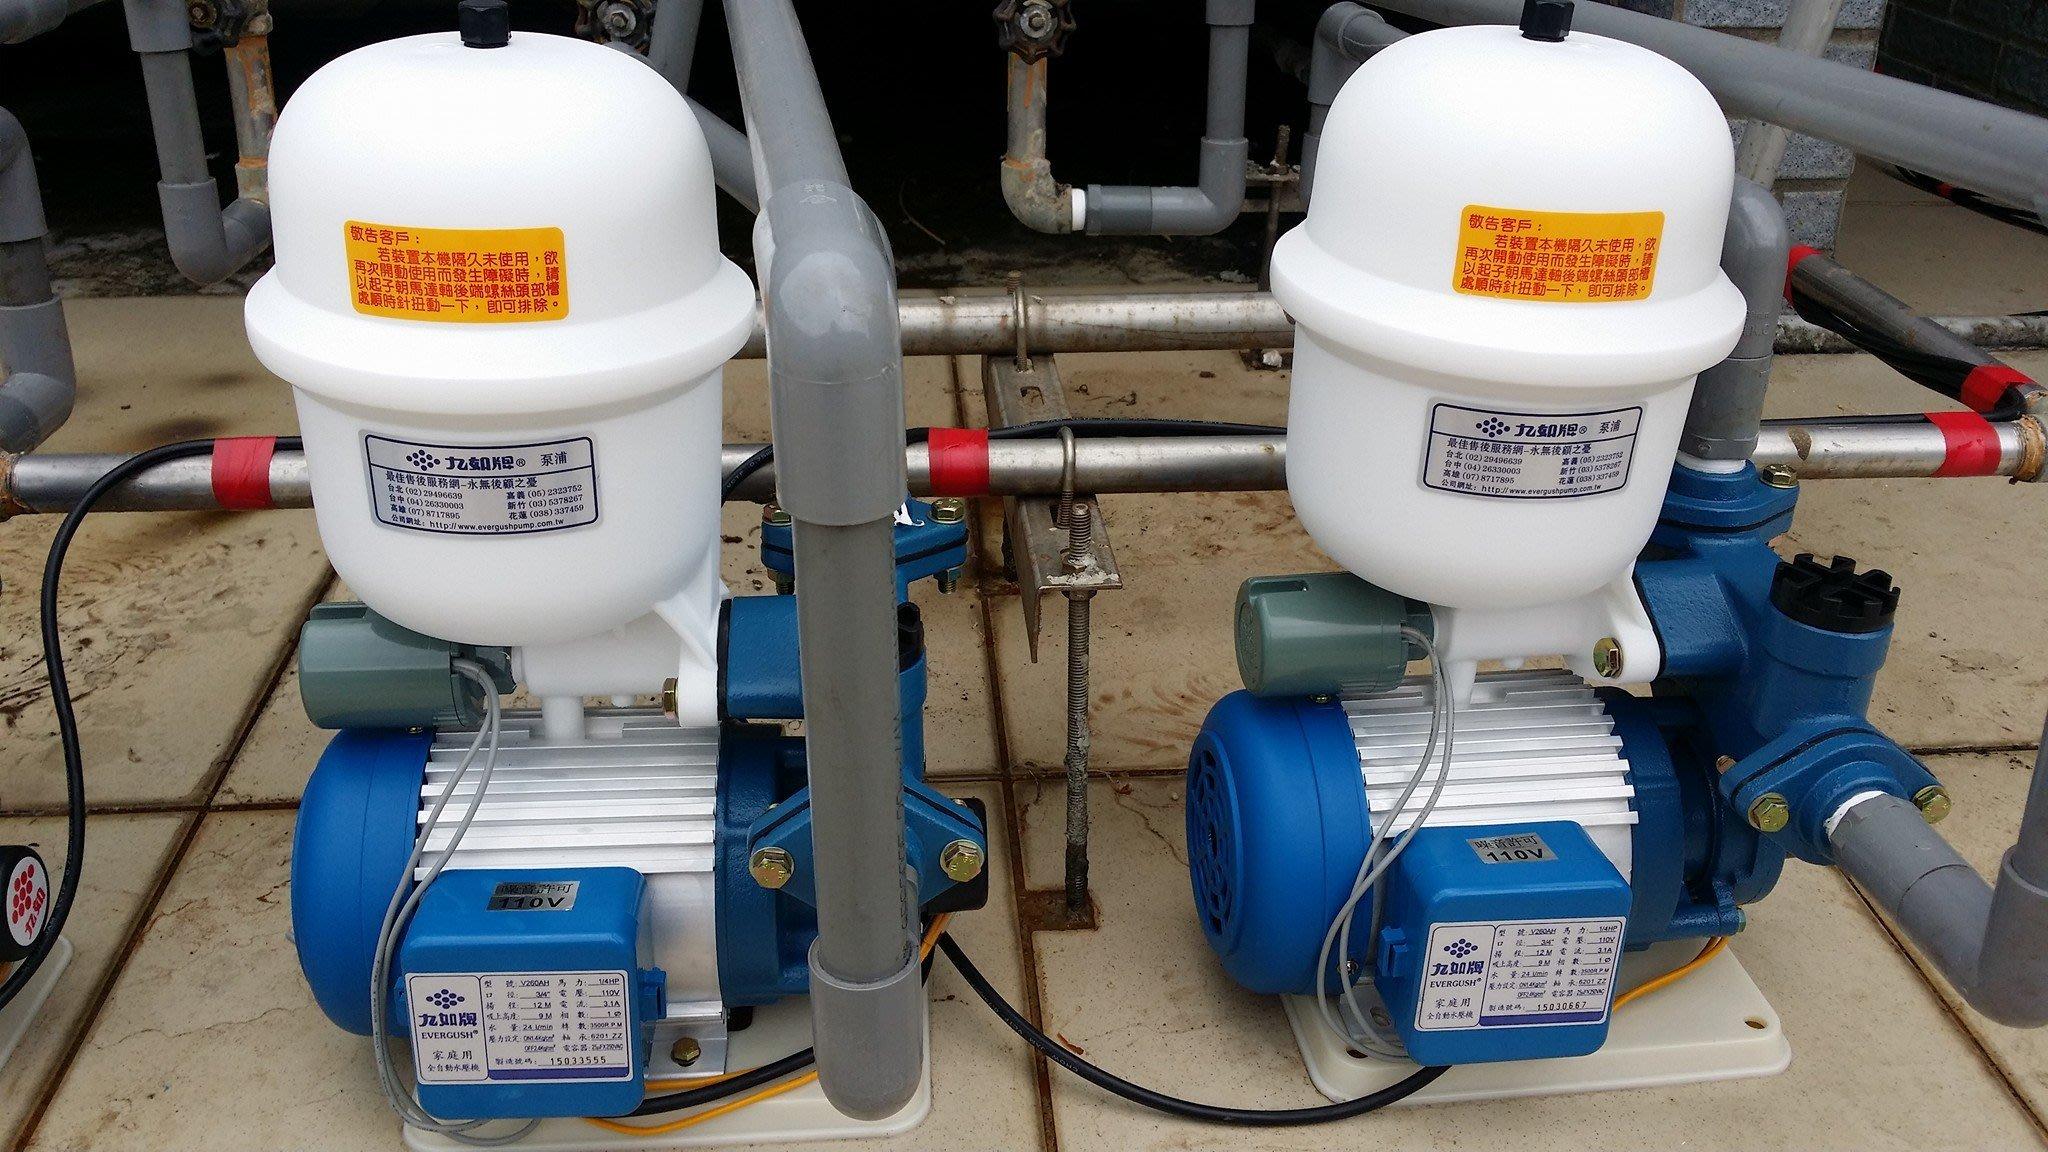 九如牌 V260 AH 全自動 水壓機 加壓機 加壓馬達 1/4HP 無水斷電 可取代木川 TP 820 PT